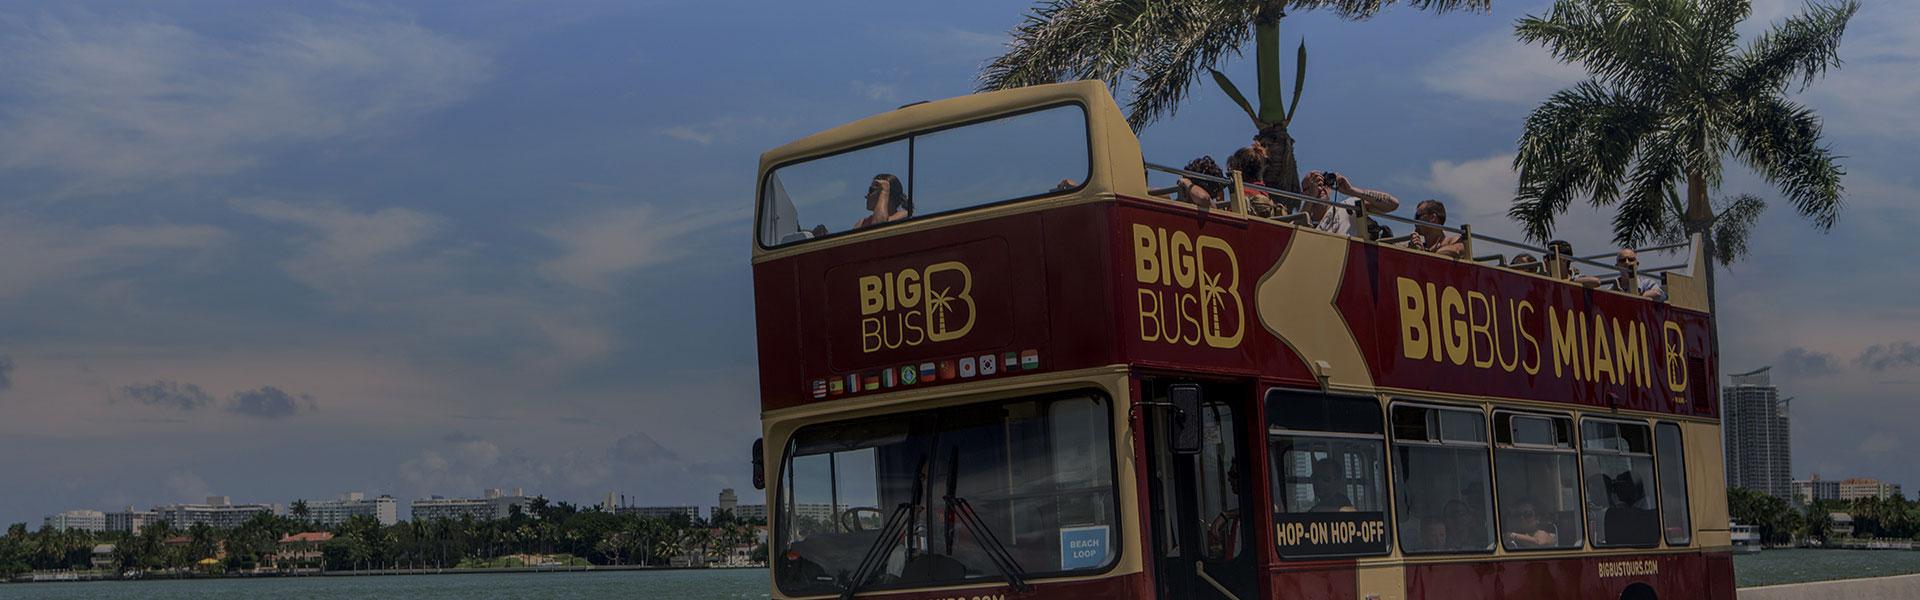 Touristen auf einer Tour mit Big Bus